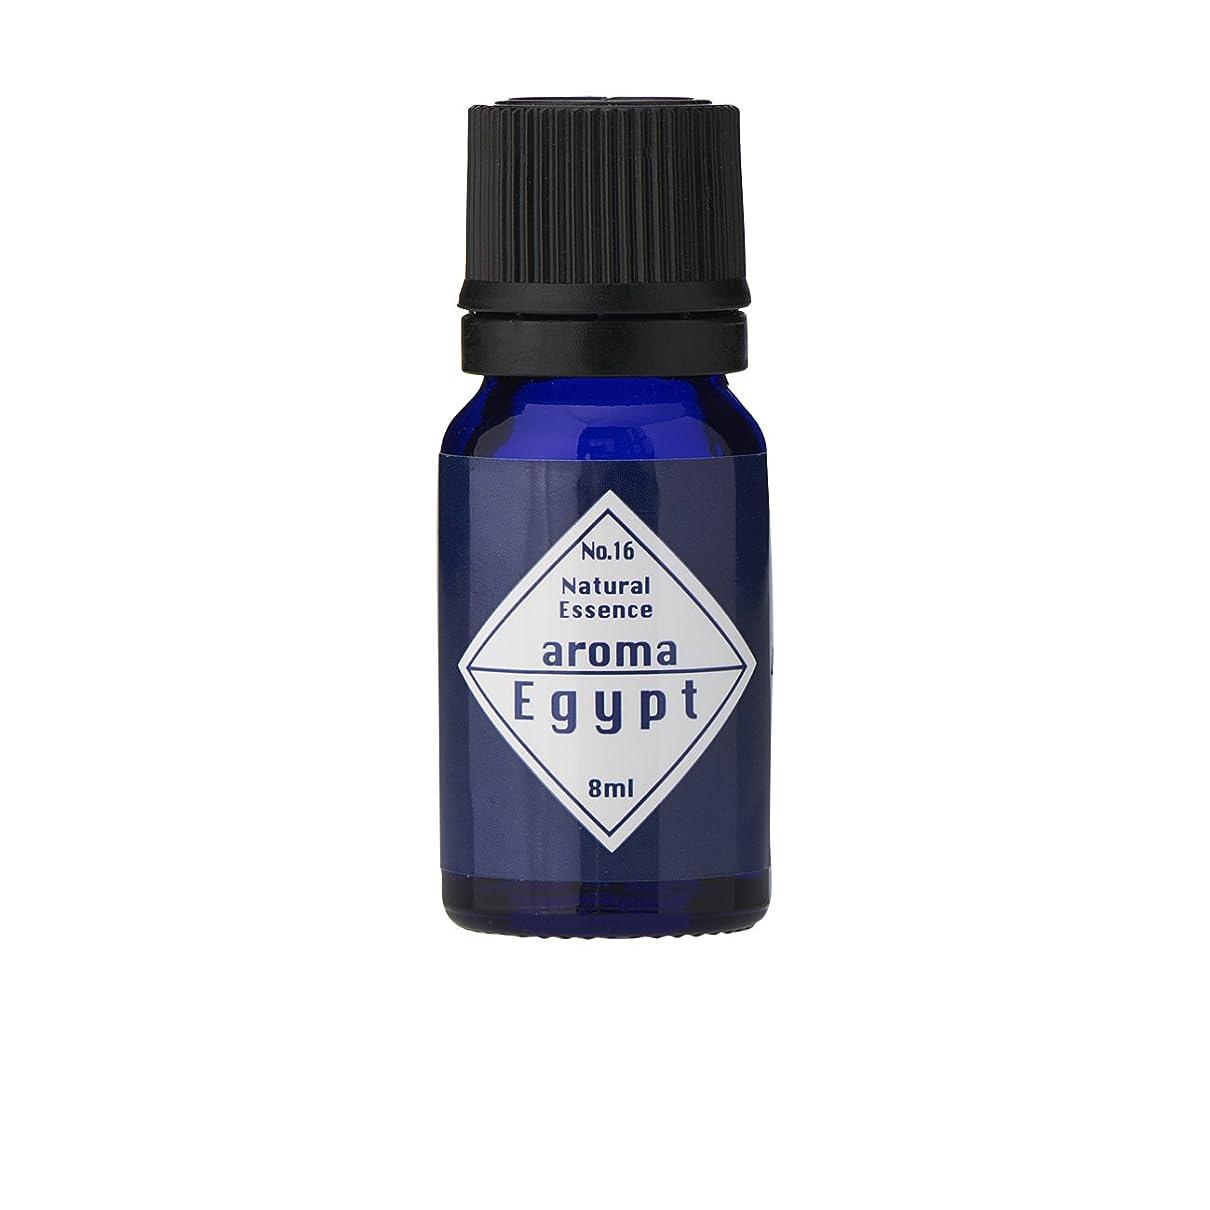 研究所ポータル改修ブルーラベル アロマエッセンス8ml エジプト(アロマオイル 調合香料 芳香用)